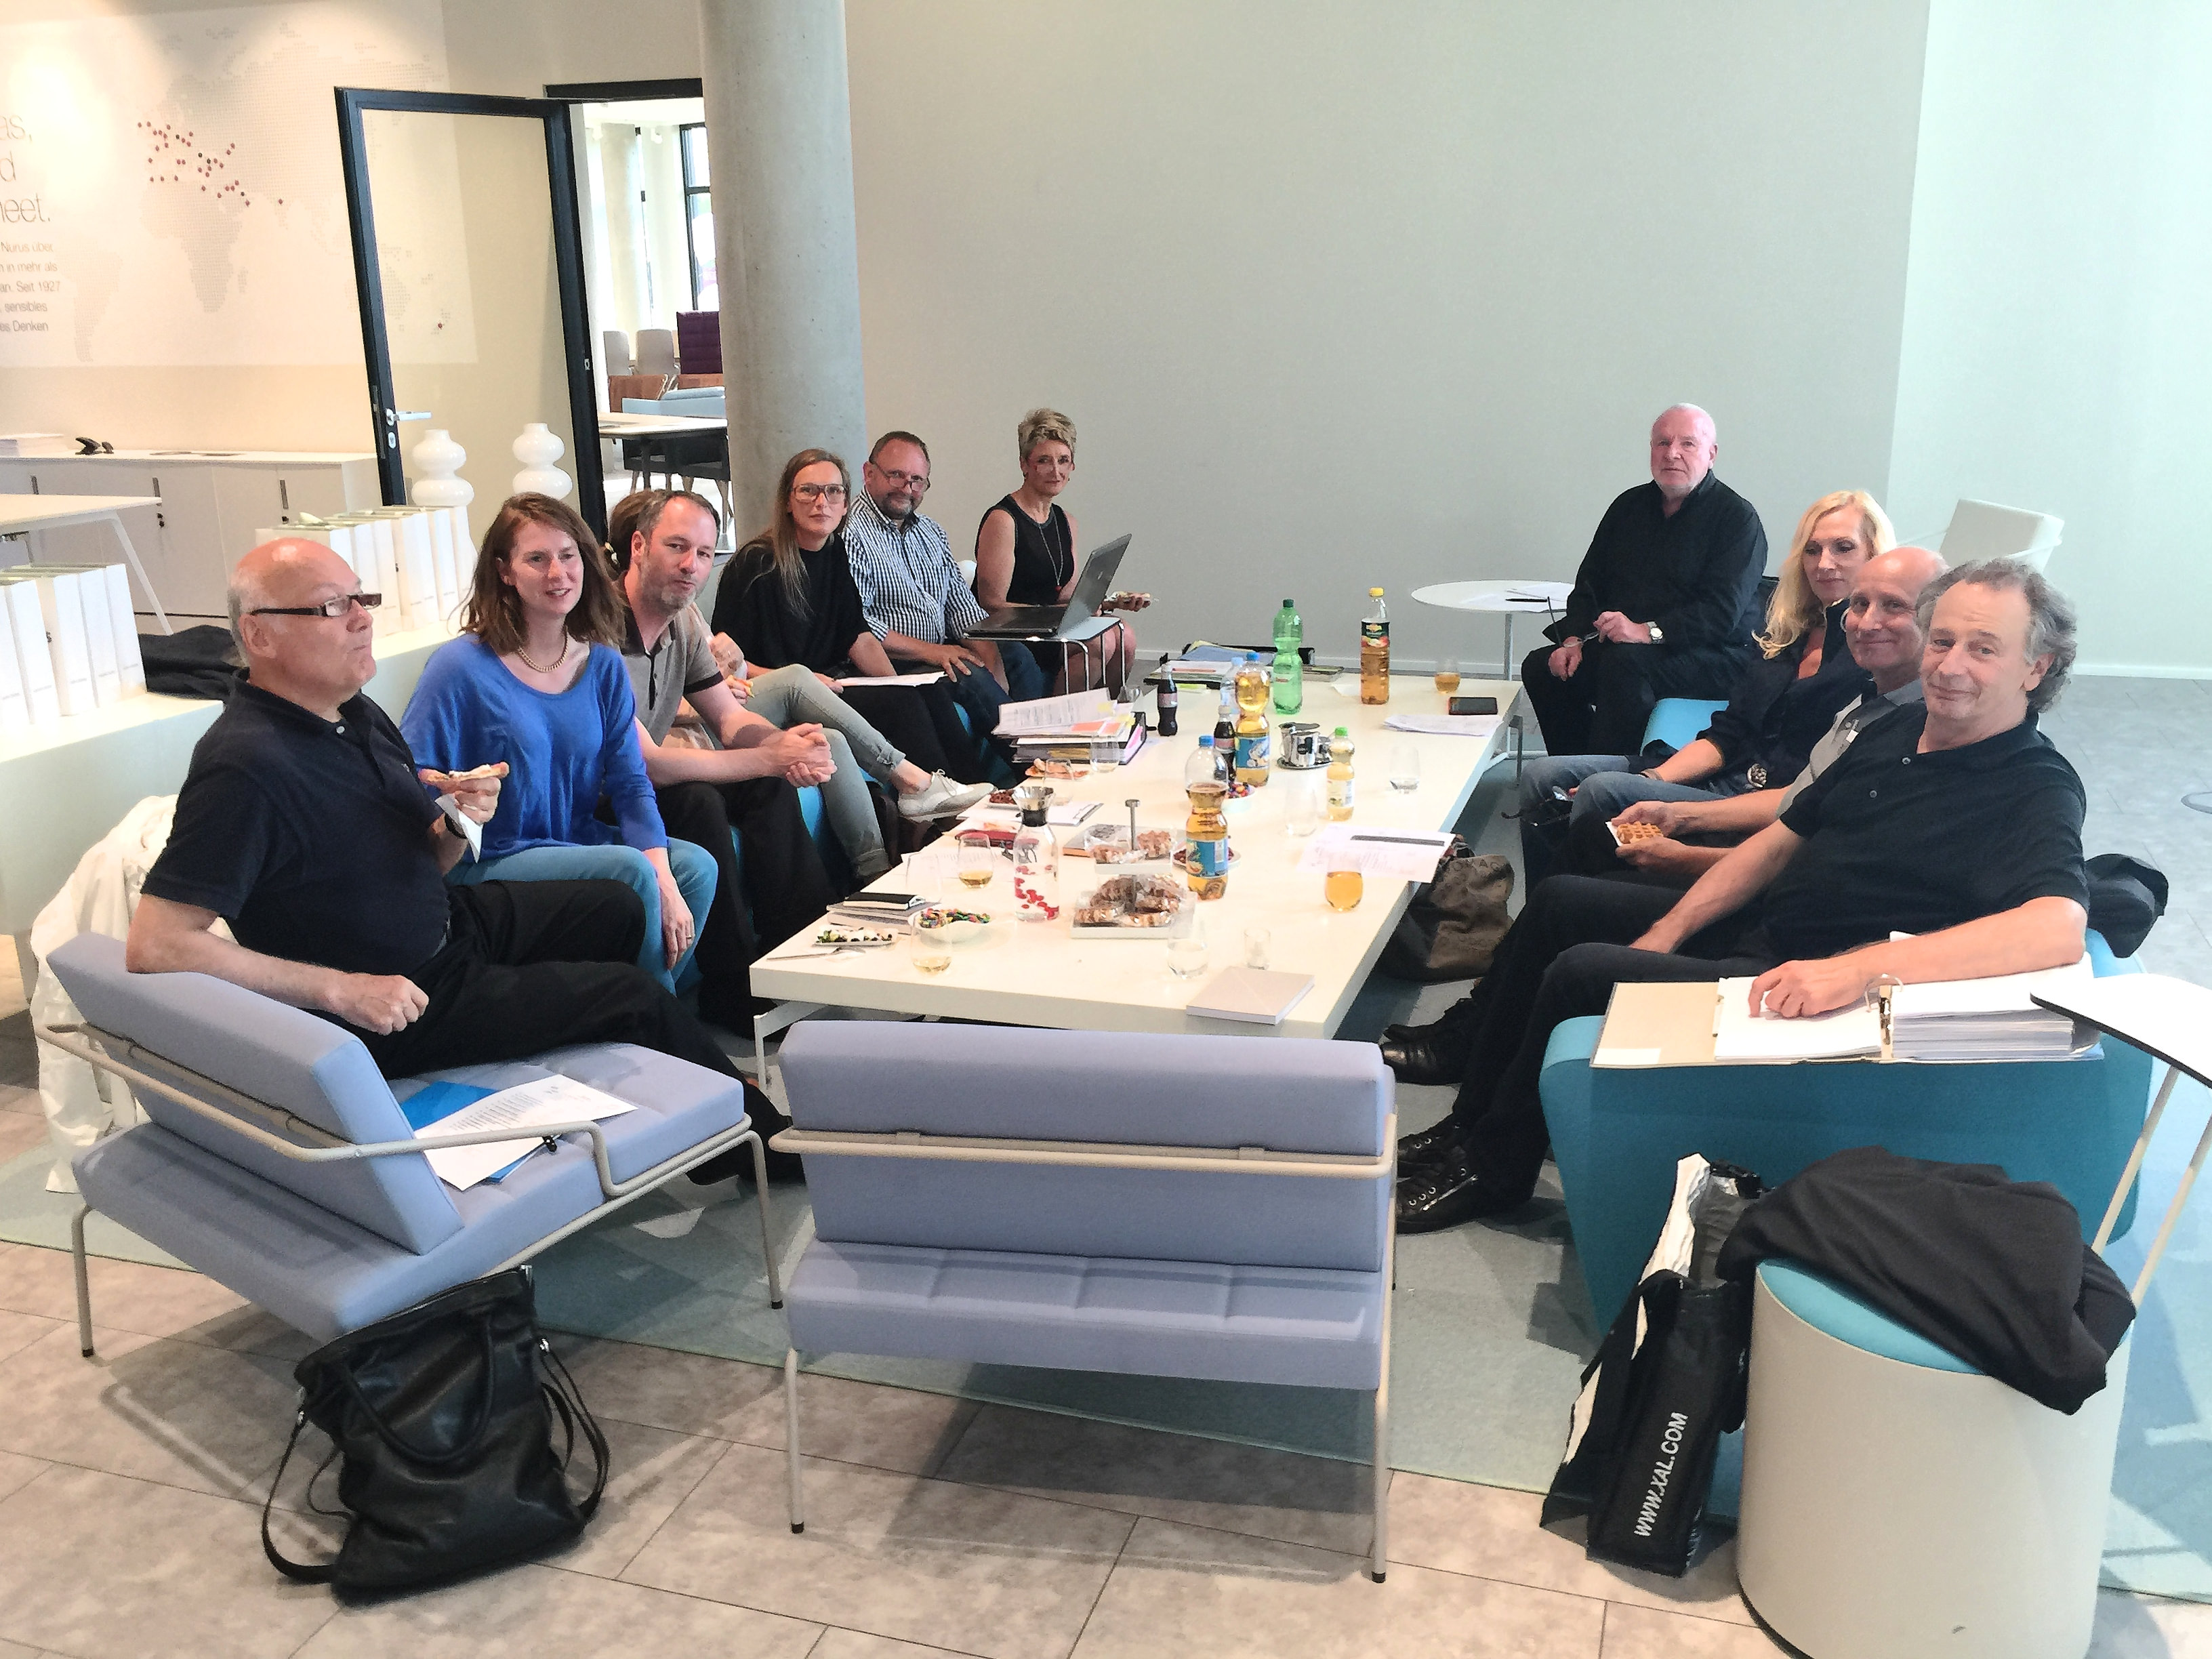 Vorstandssitzung Des Lv Bayern Mit Beirat Im Showroom Des